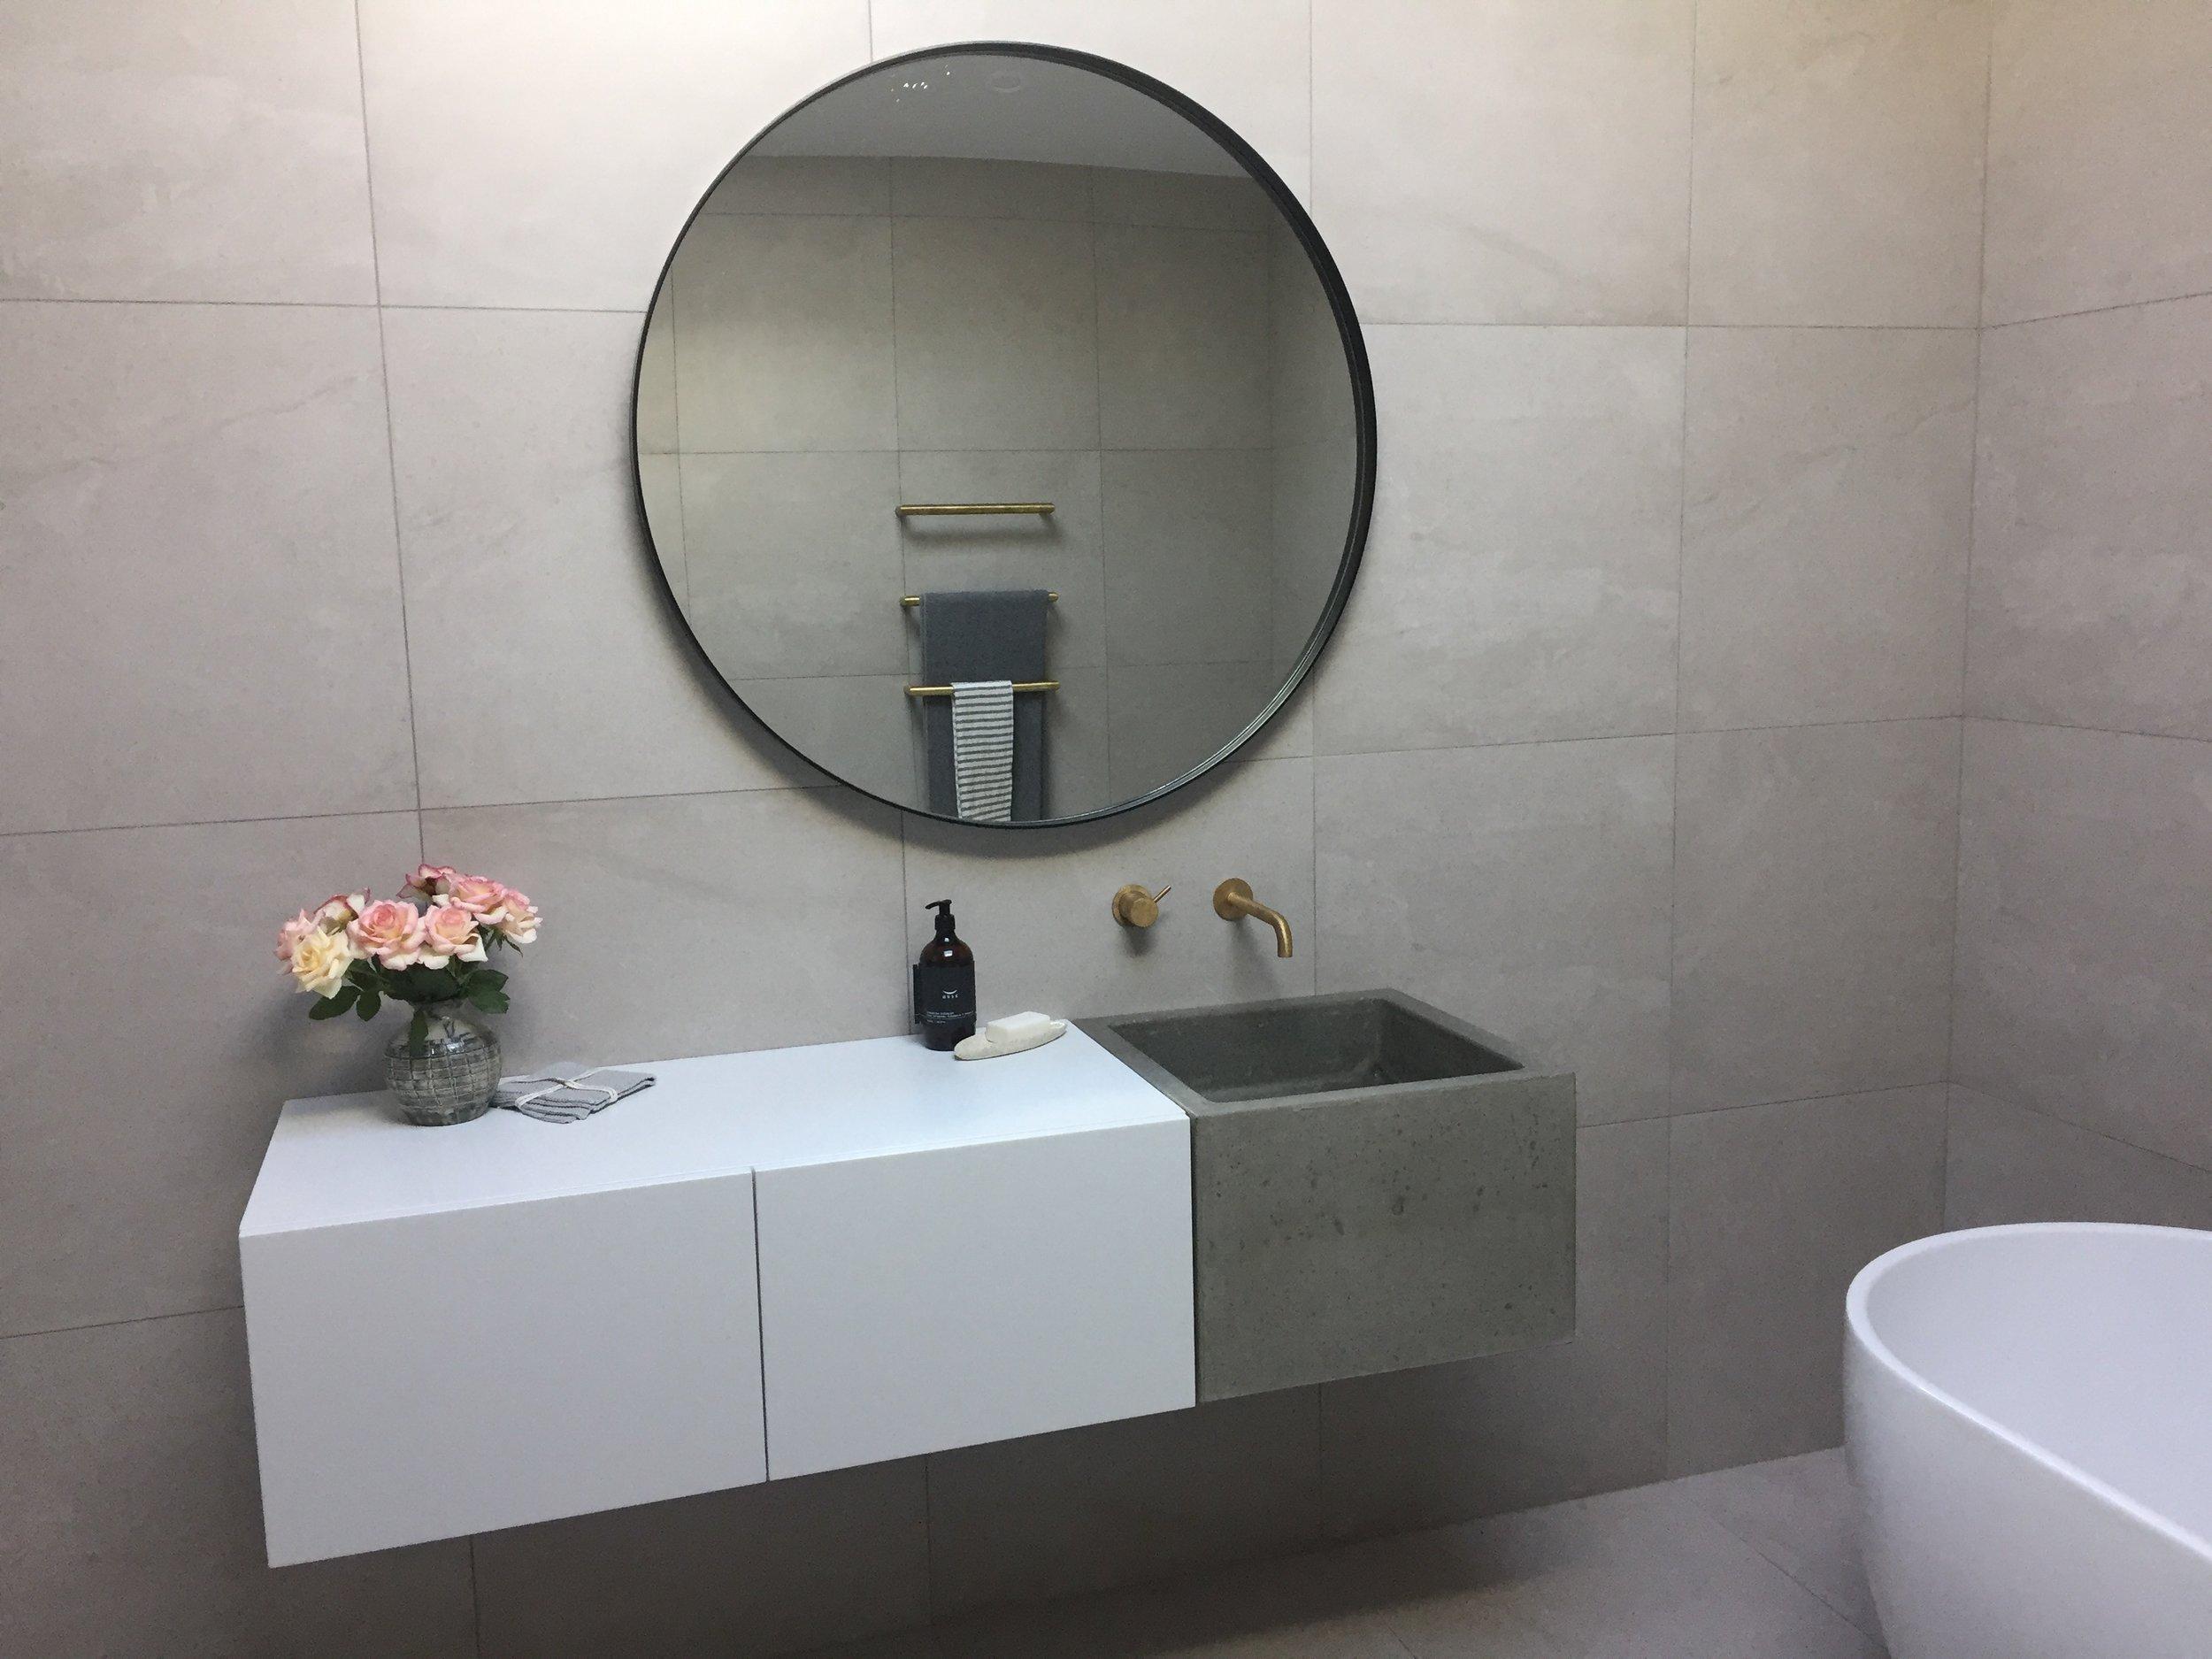 Bathroom vanity concrete basin.jpg